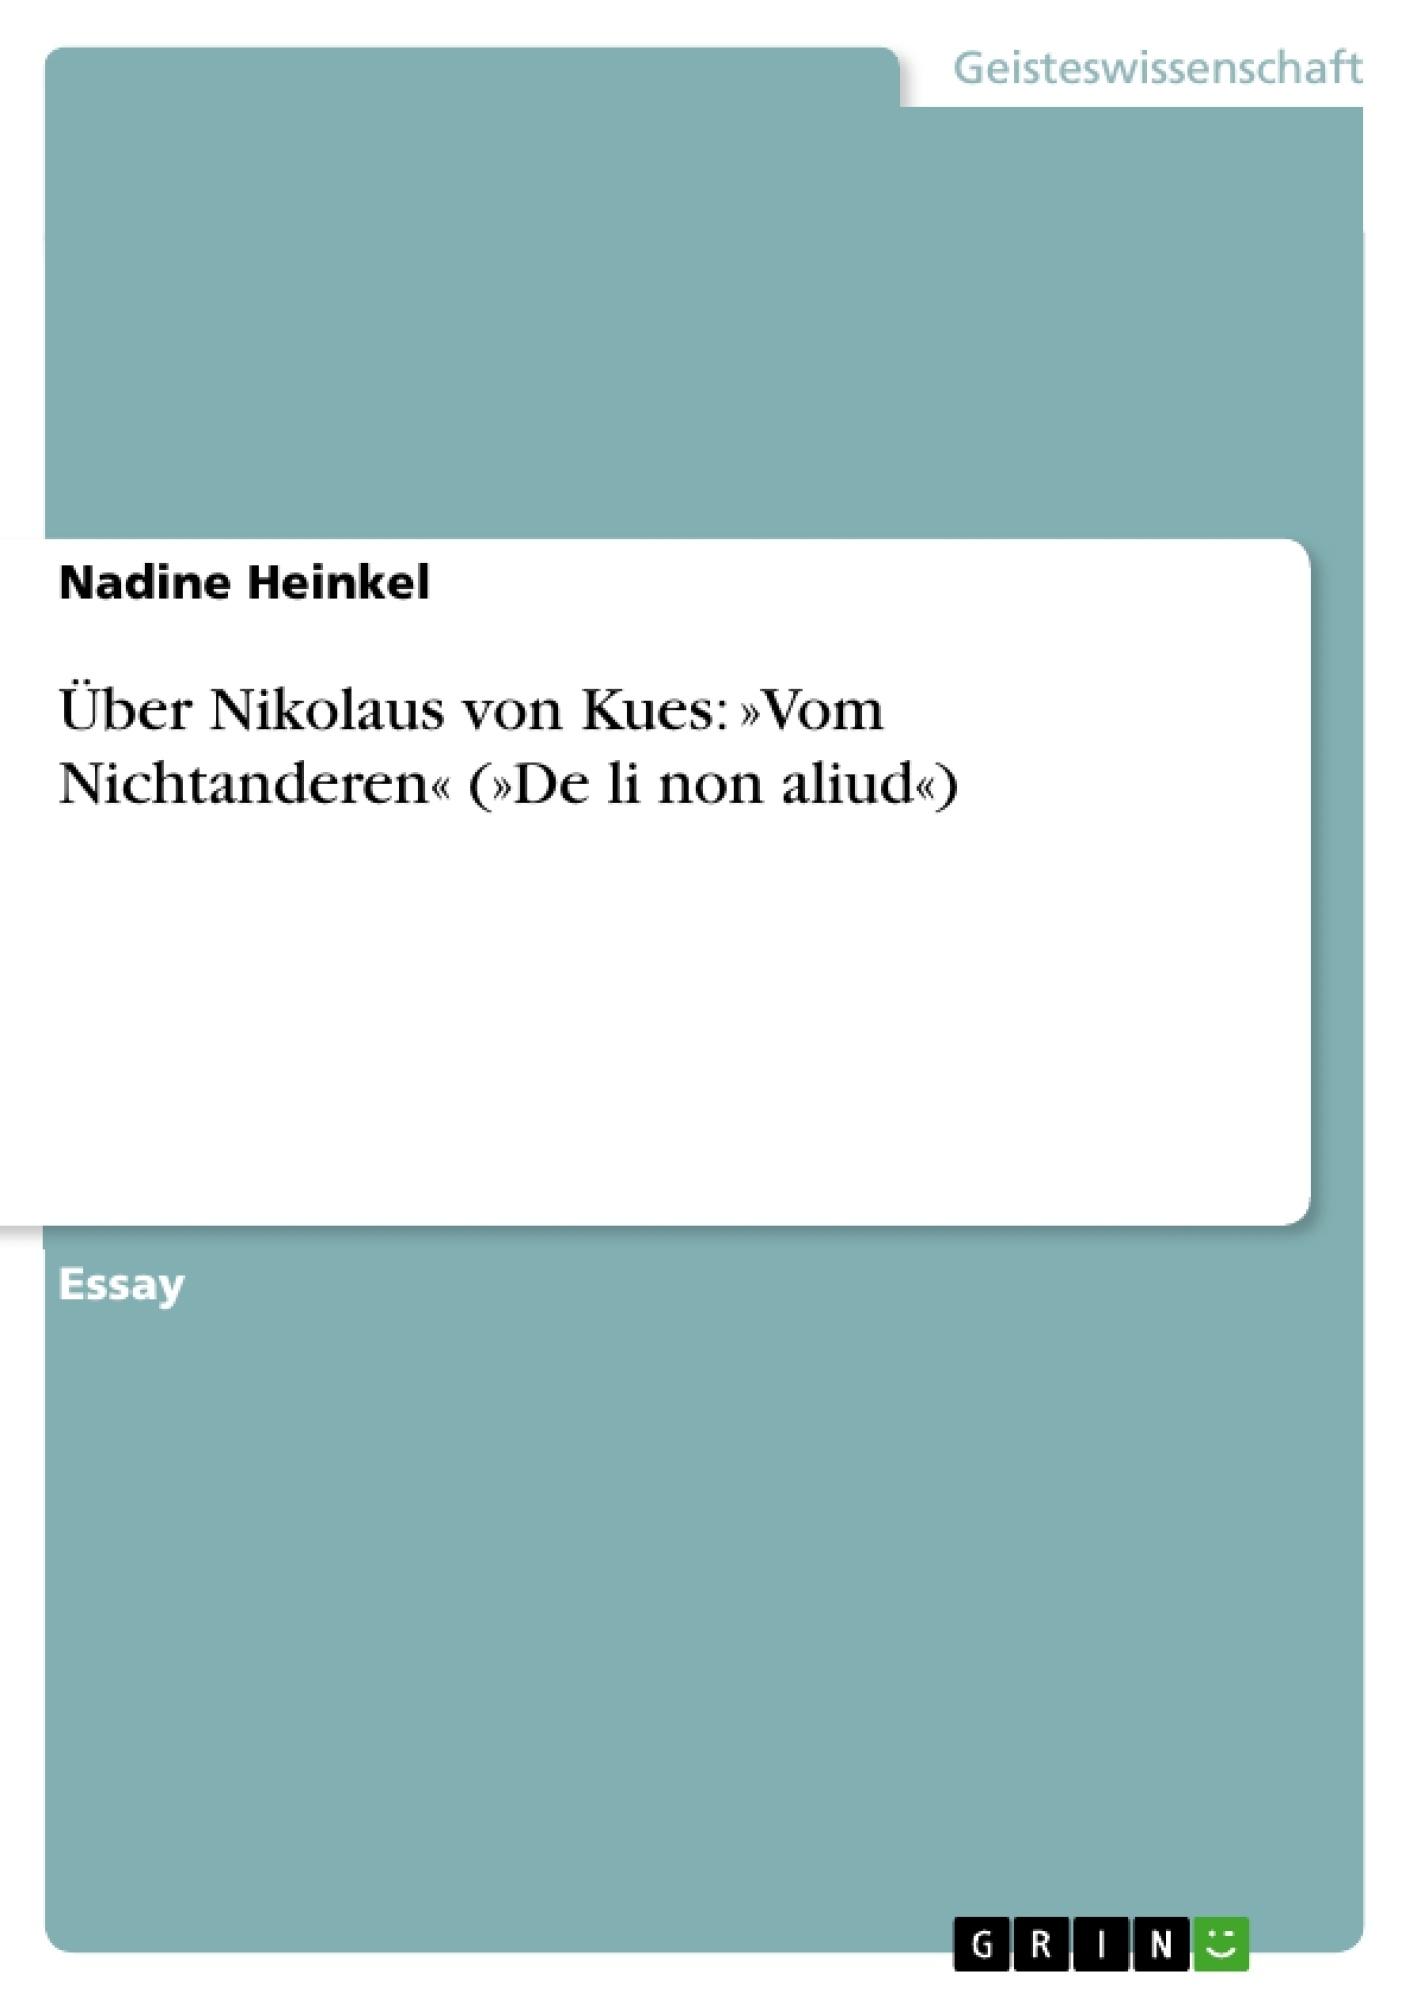 Titel: Über Nikolaus von Kues: »Vom Nichtanderen« (»De li non aliud«)